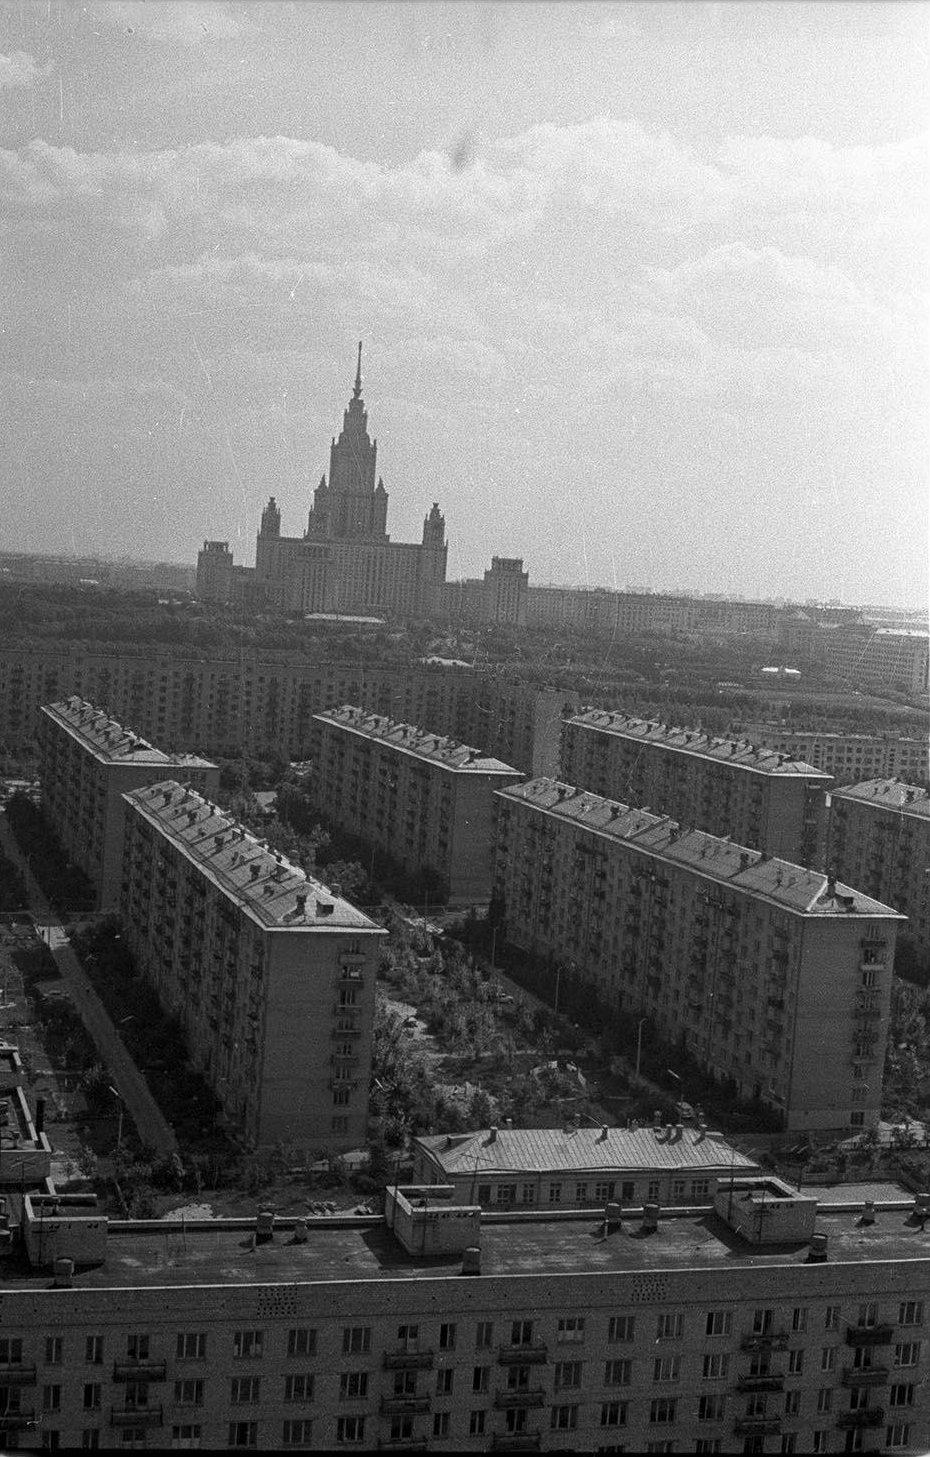 1967. Вид на высотное здание МГУ. Квартал между Мосфильмовской улицей и улицей Дружбы